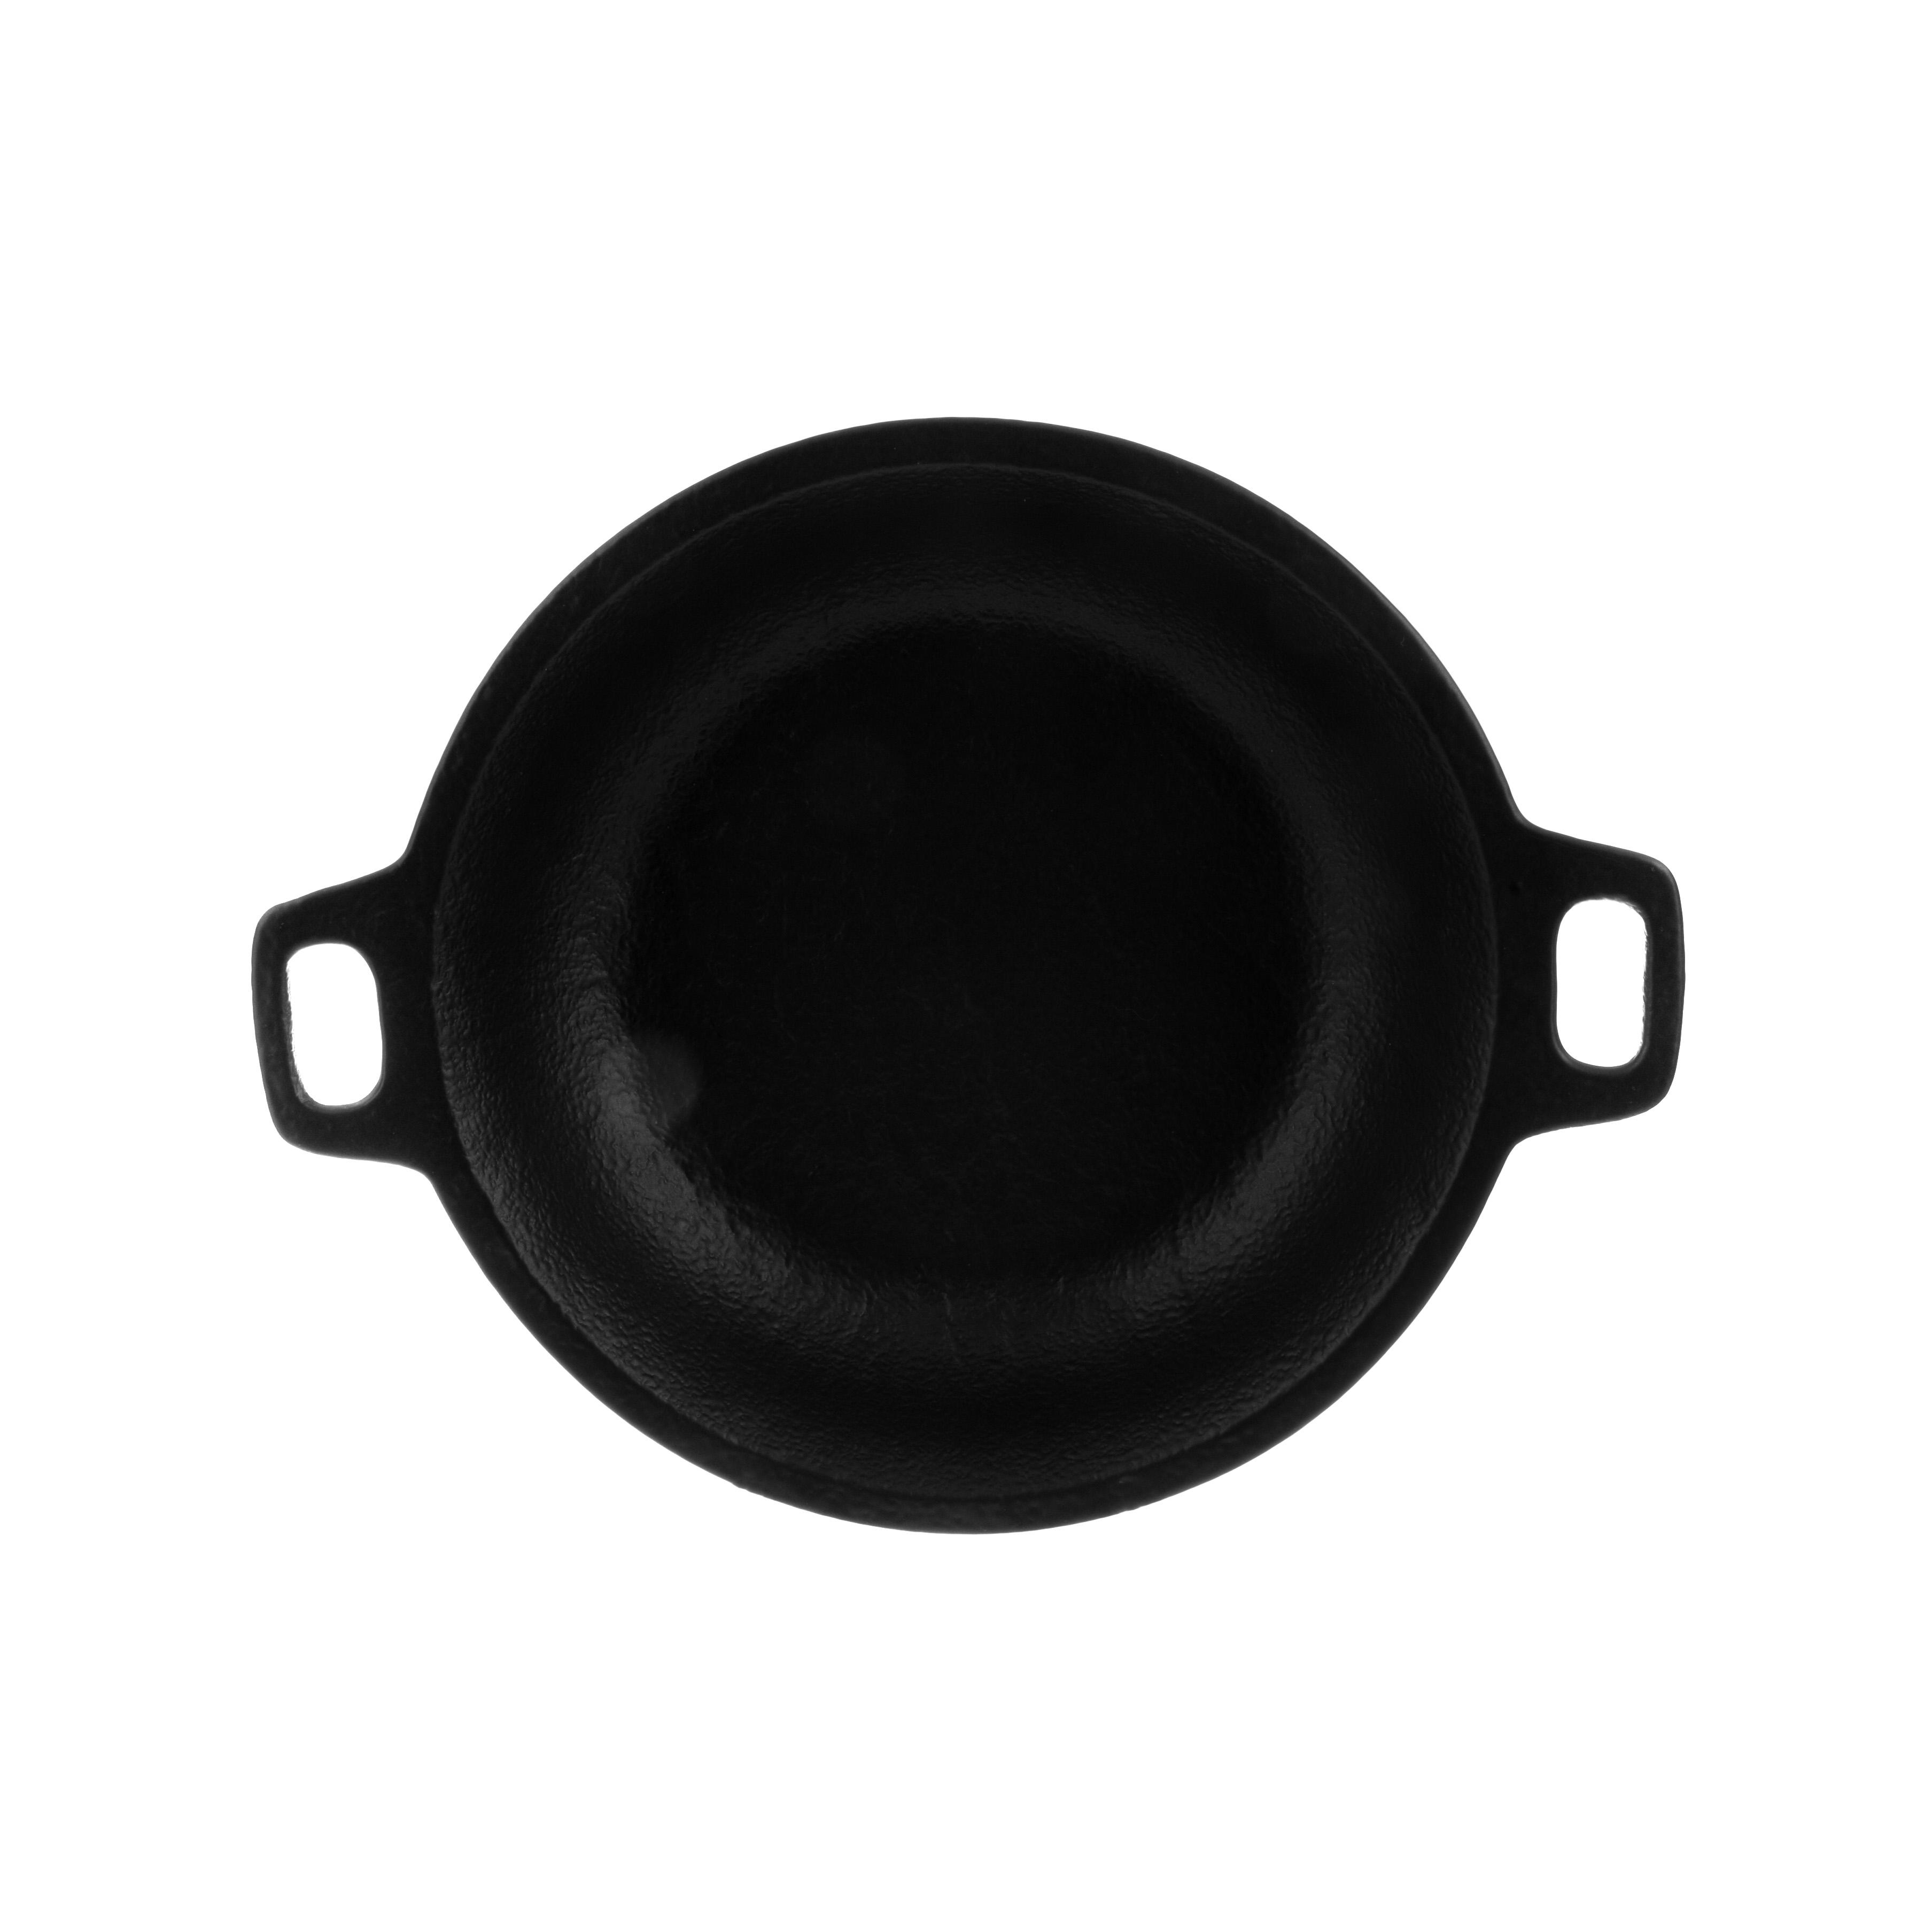 Купить Форма для подачи горячего Tognana Vulcania 23 см, Китай, фарфор